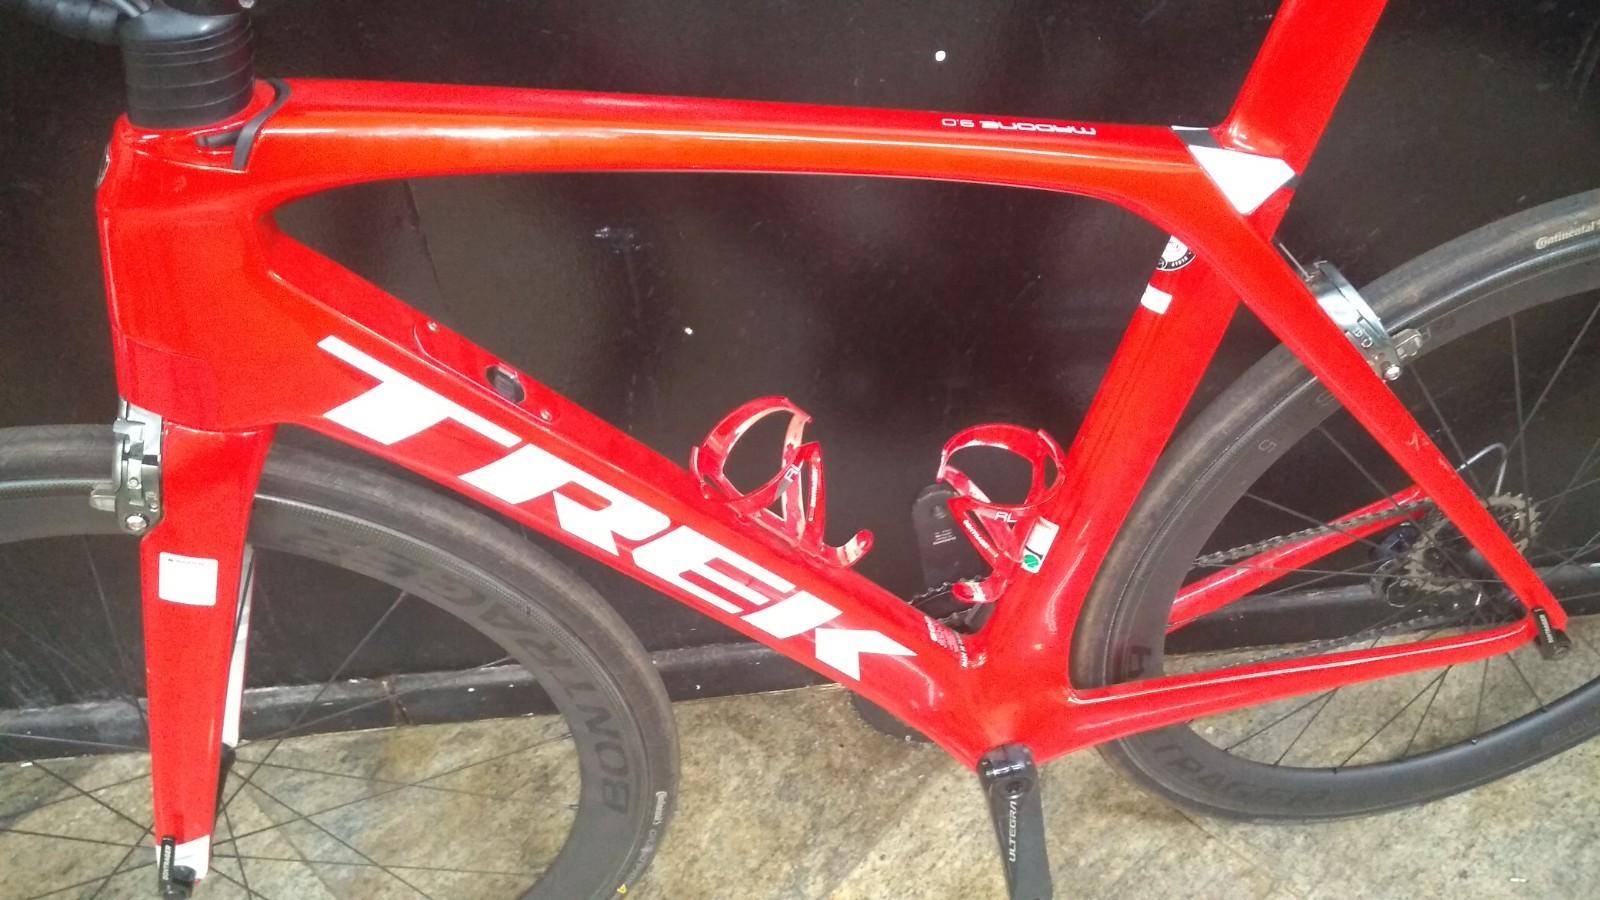 Bicicleta Trek Madone Ultegra R8000 - Tamanho 56 (produto usado)